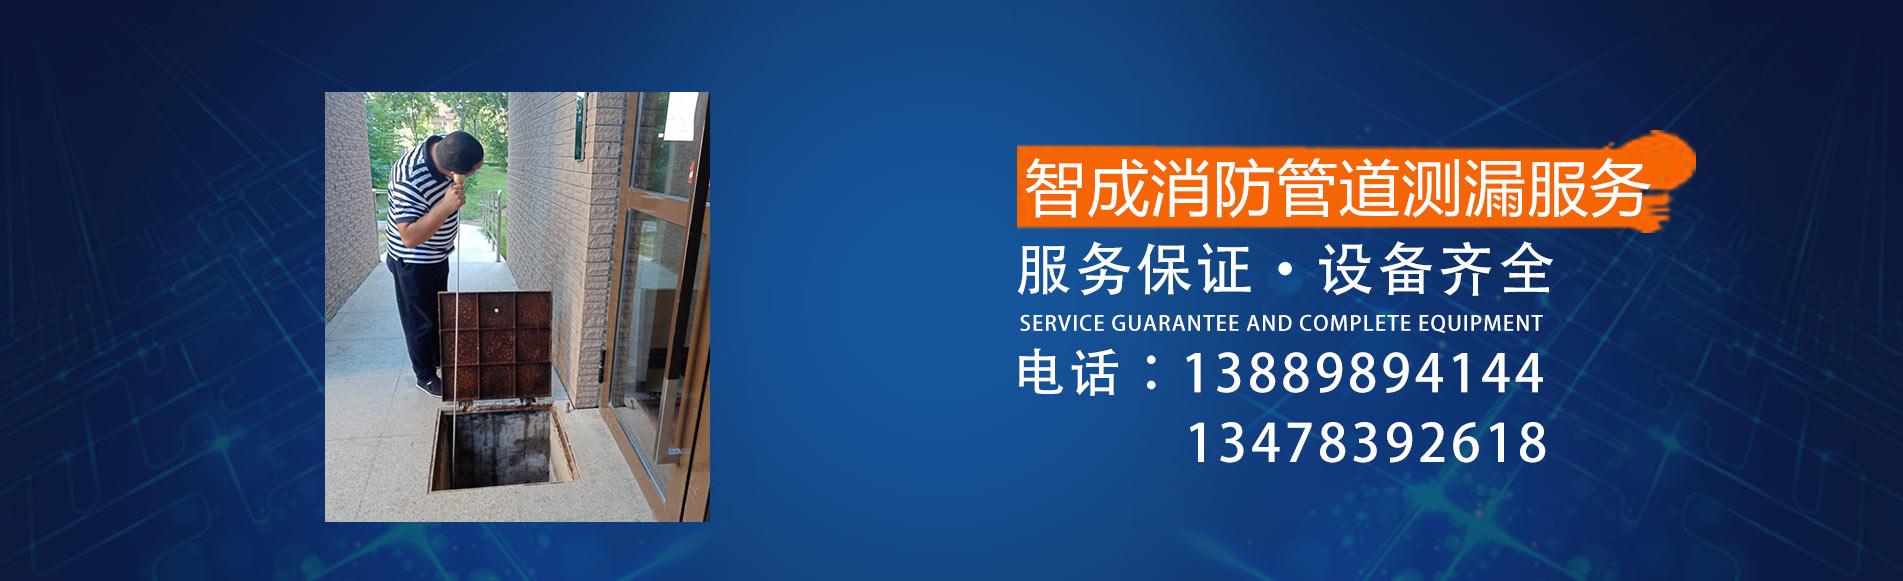 臺北智成管道測漏是一家專業供給消防管道測漏辦事的公司